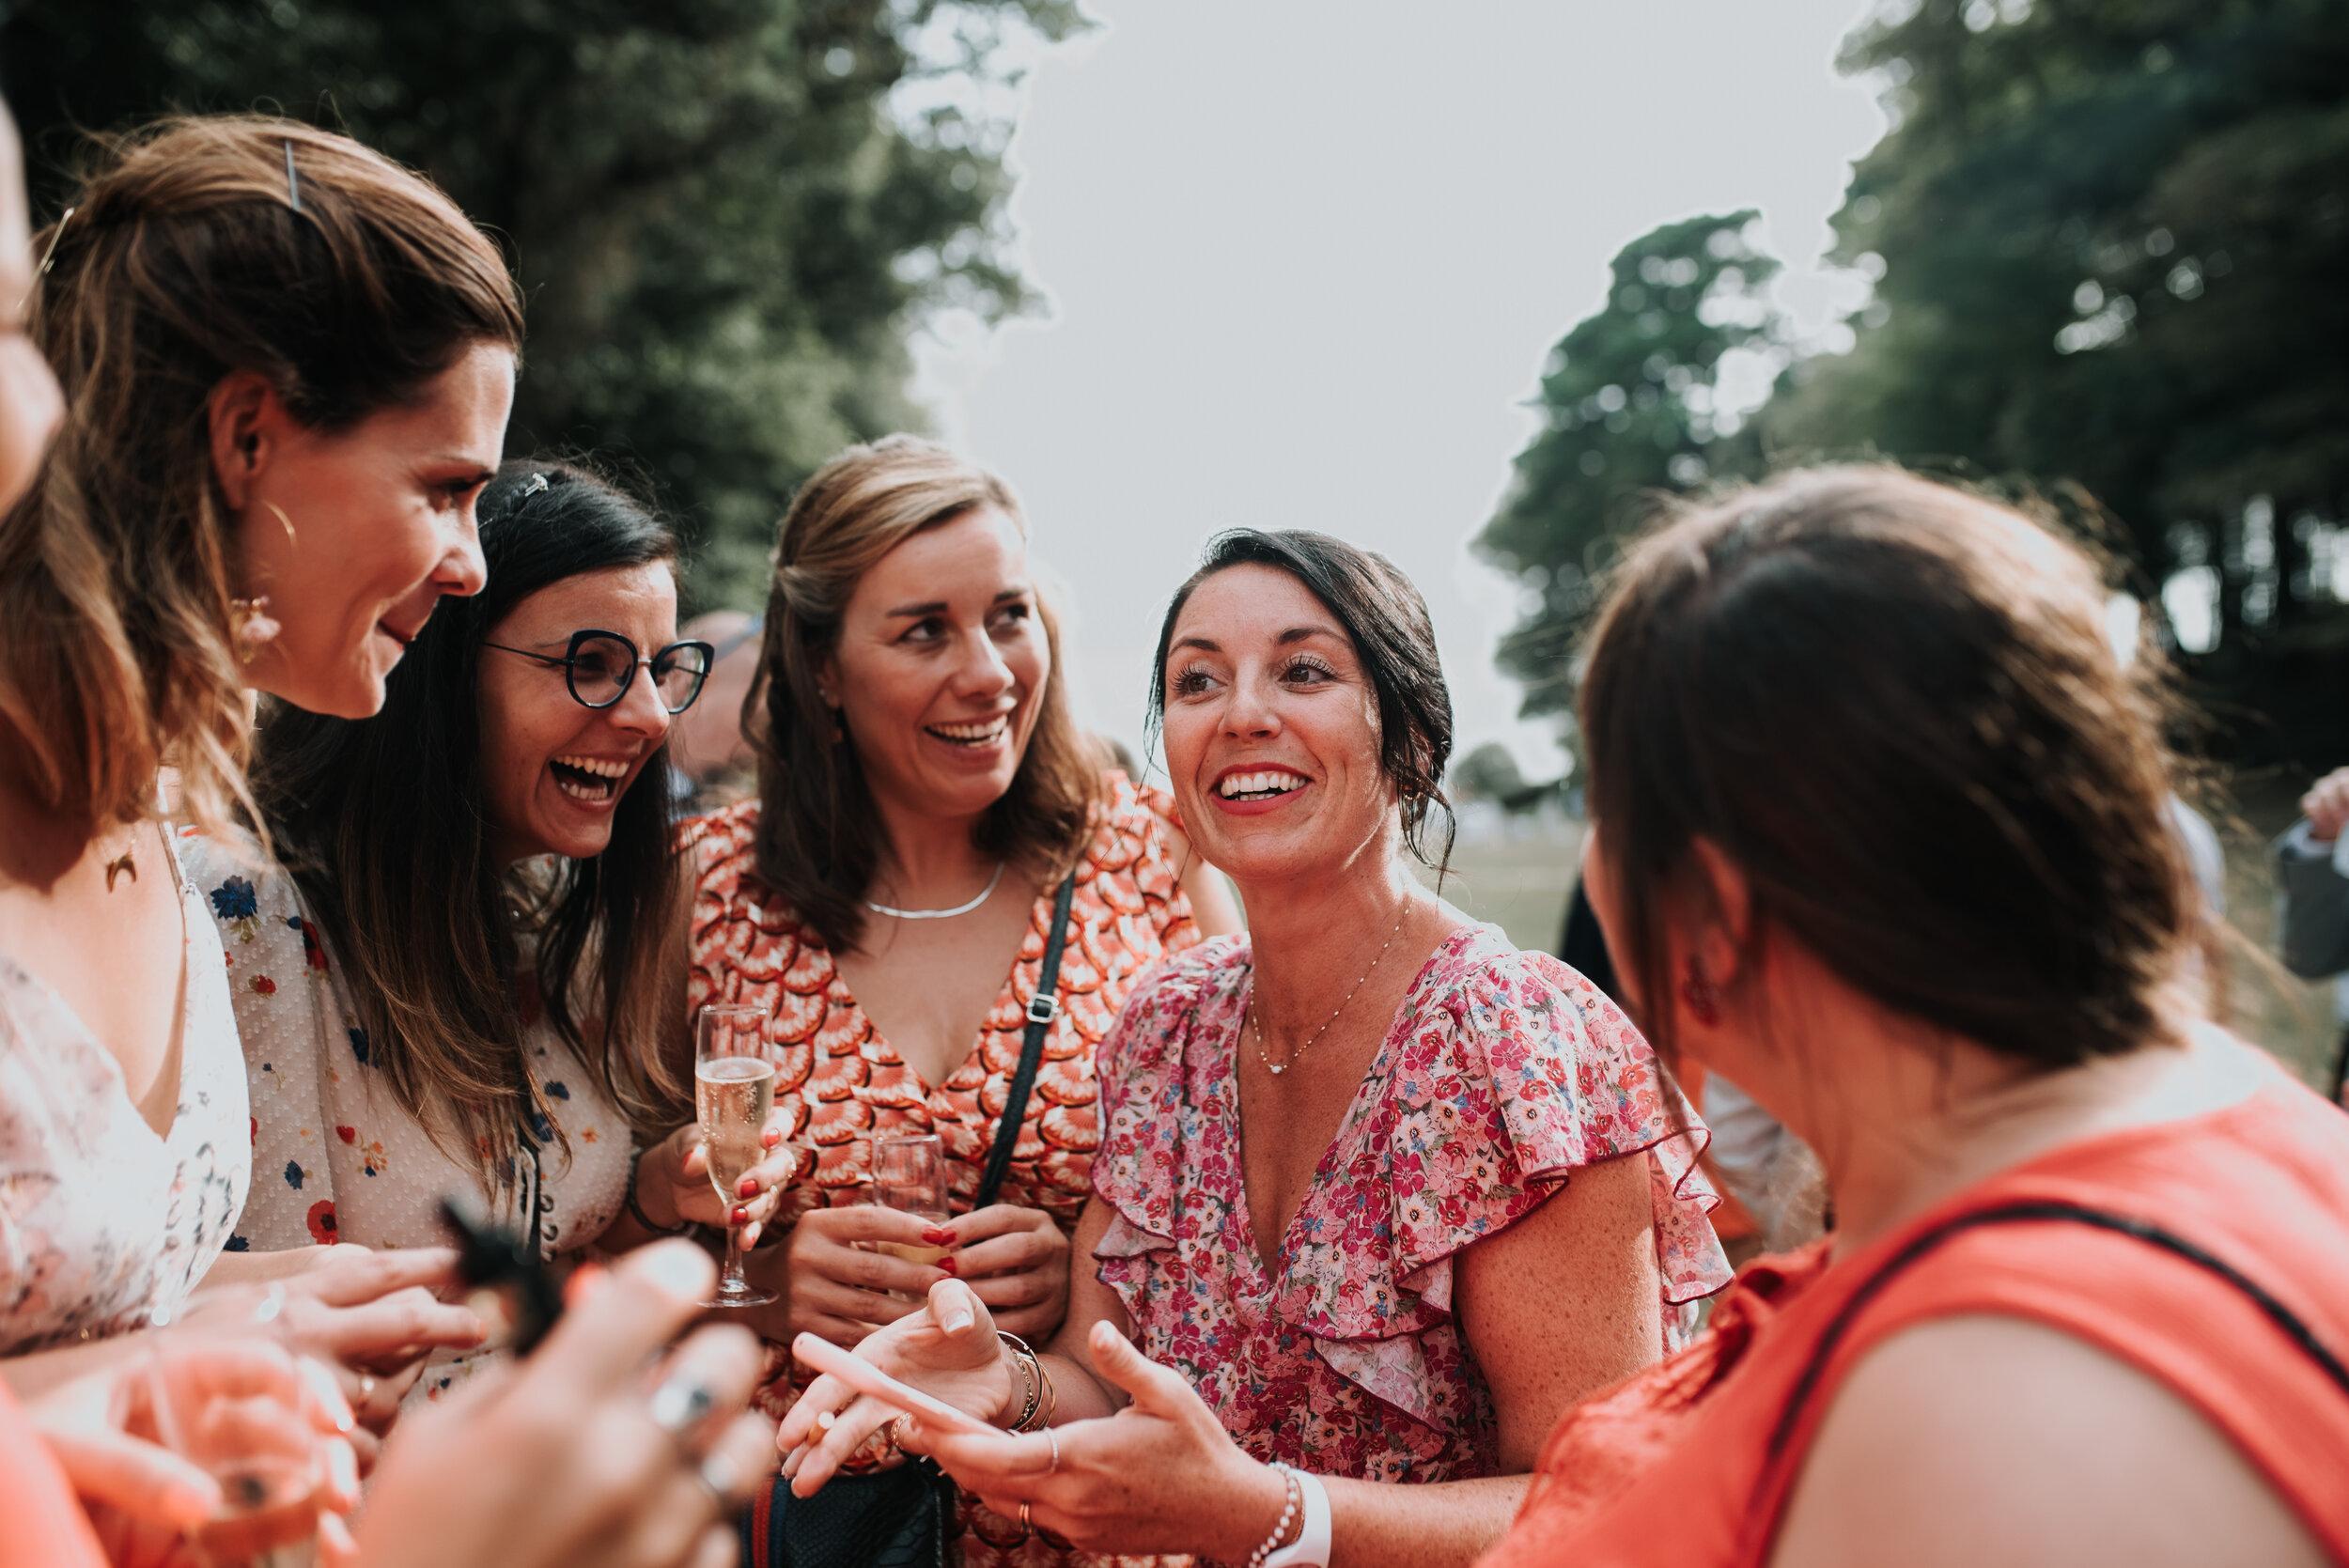 Léa-Fery-photographe-professionnel-Bretagne-portrait-creation-mariage-evenement-evenementiel-famille-7213.jpg